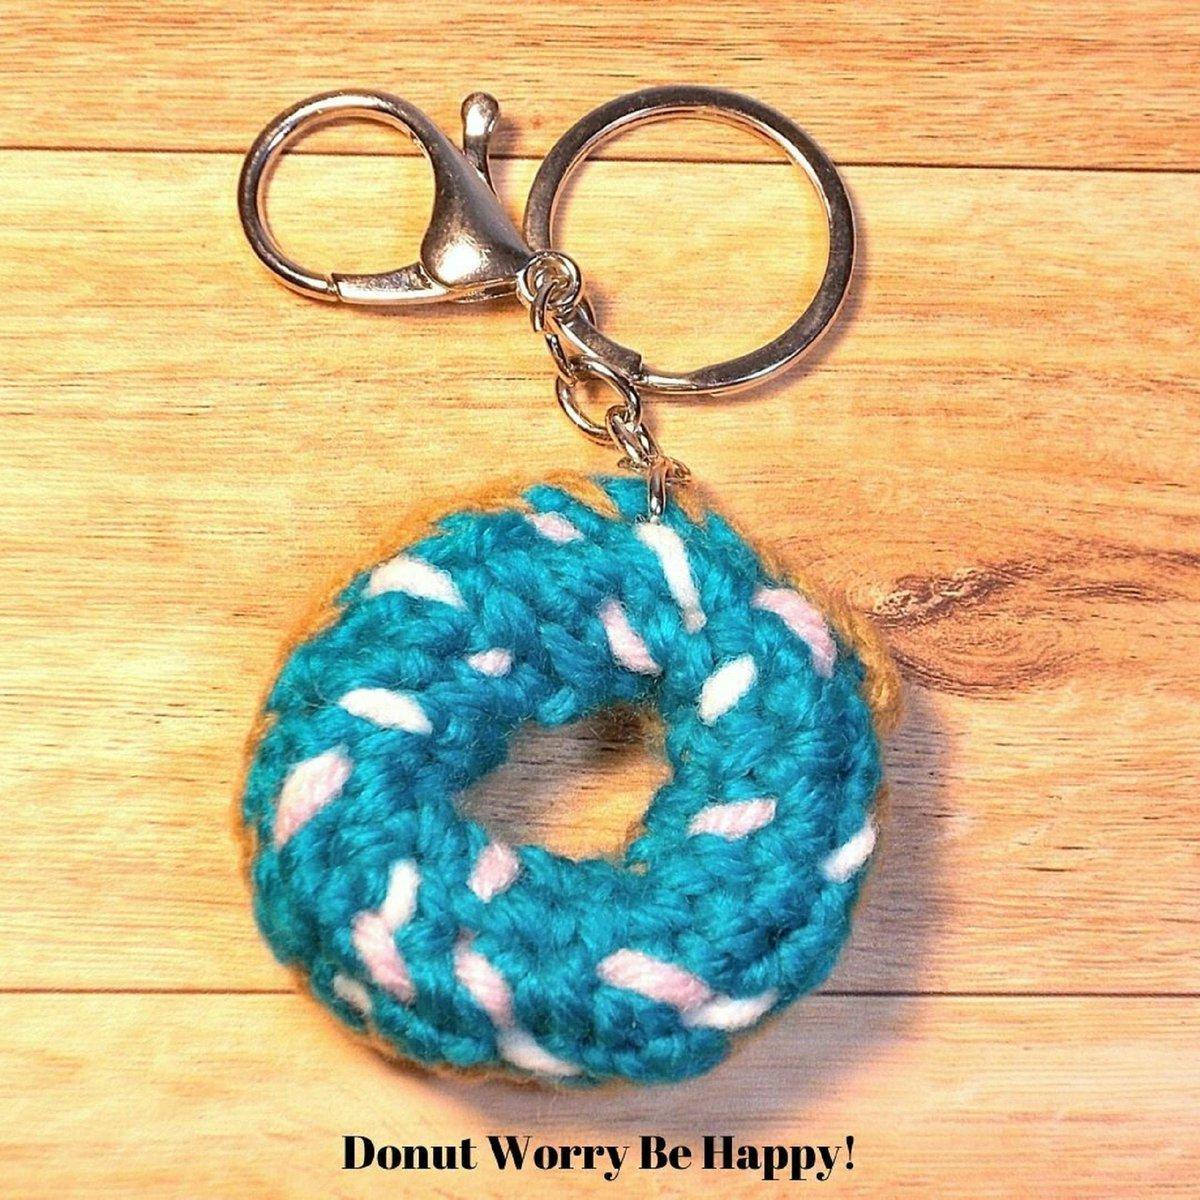 Crochet donuts key chain part 1 : โครเชต์พวงกุญแจโดนัท คลิป 1 ... | 1200x1200